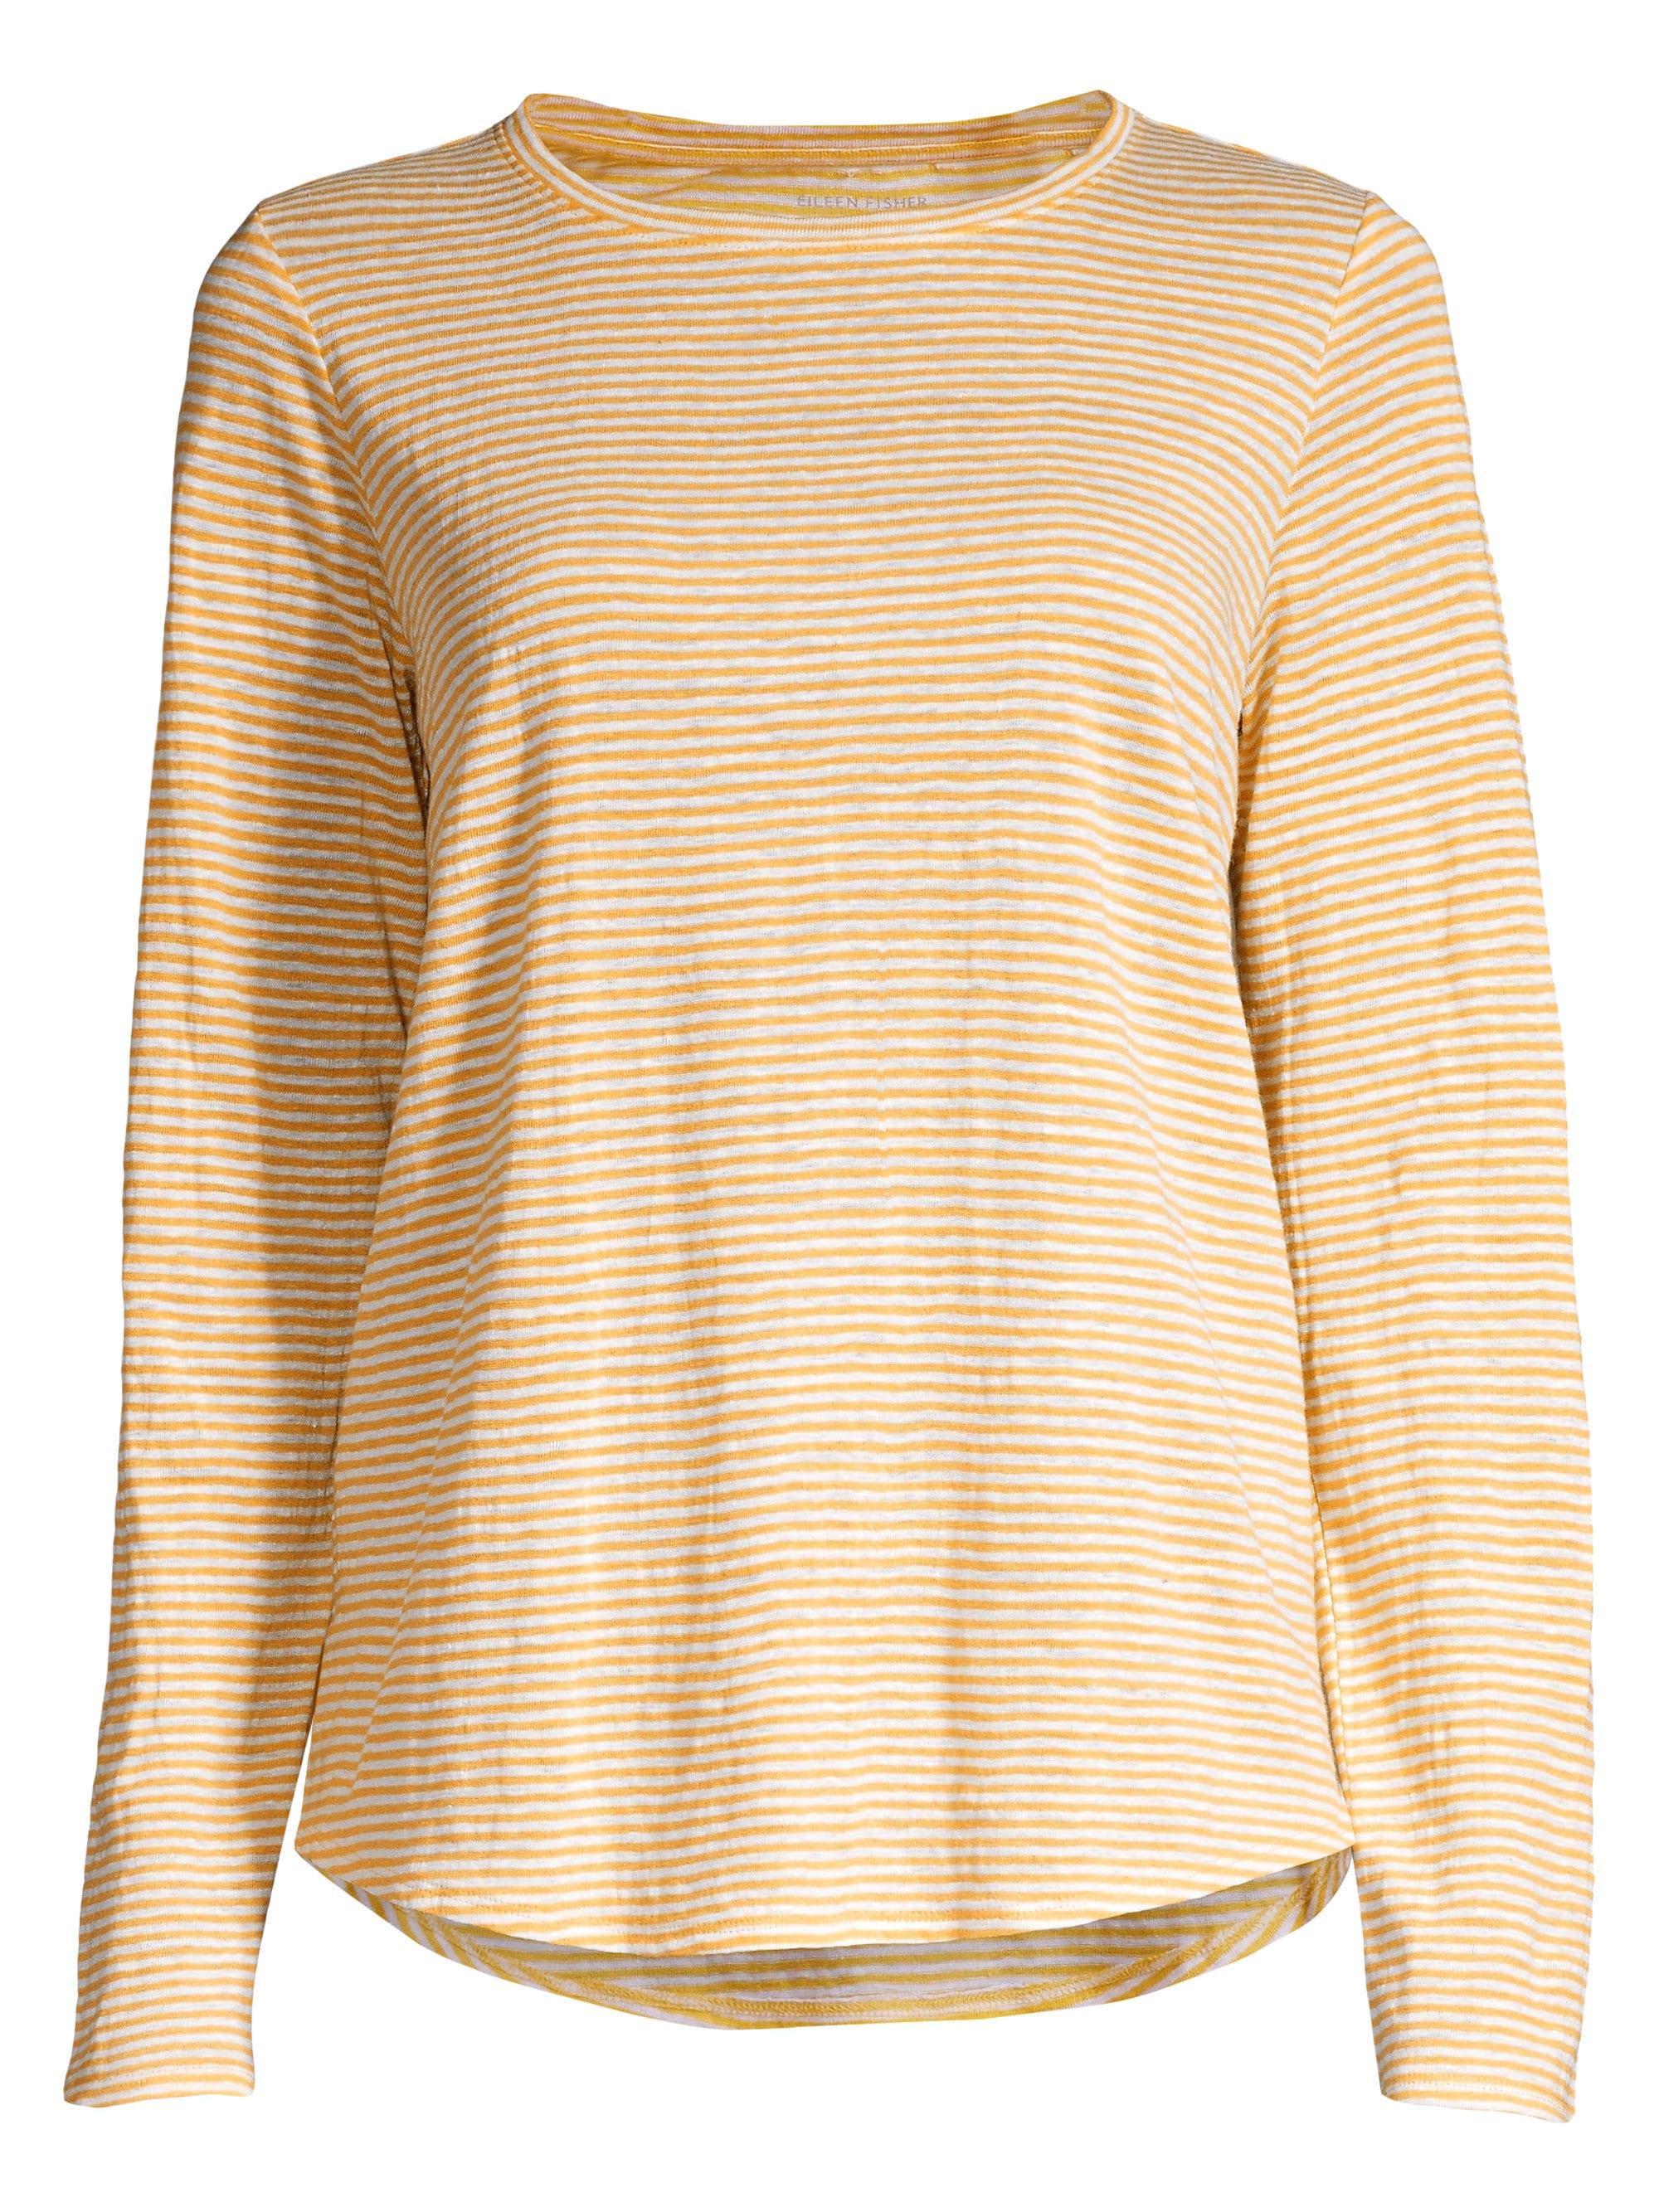 e58c76483d2aaa Eileen Fisher. Women s Striped Organic Linen T-shirt